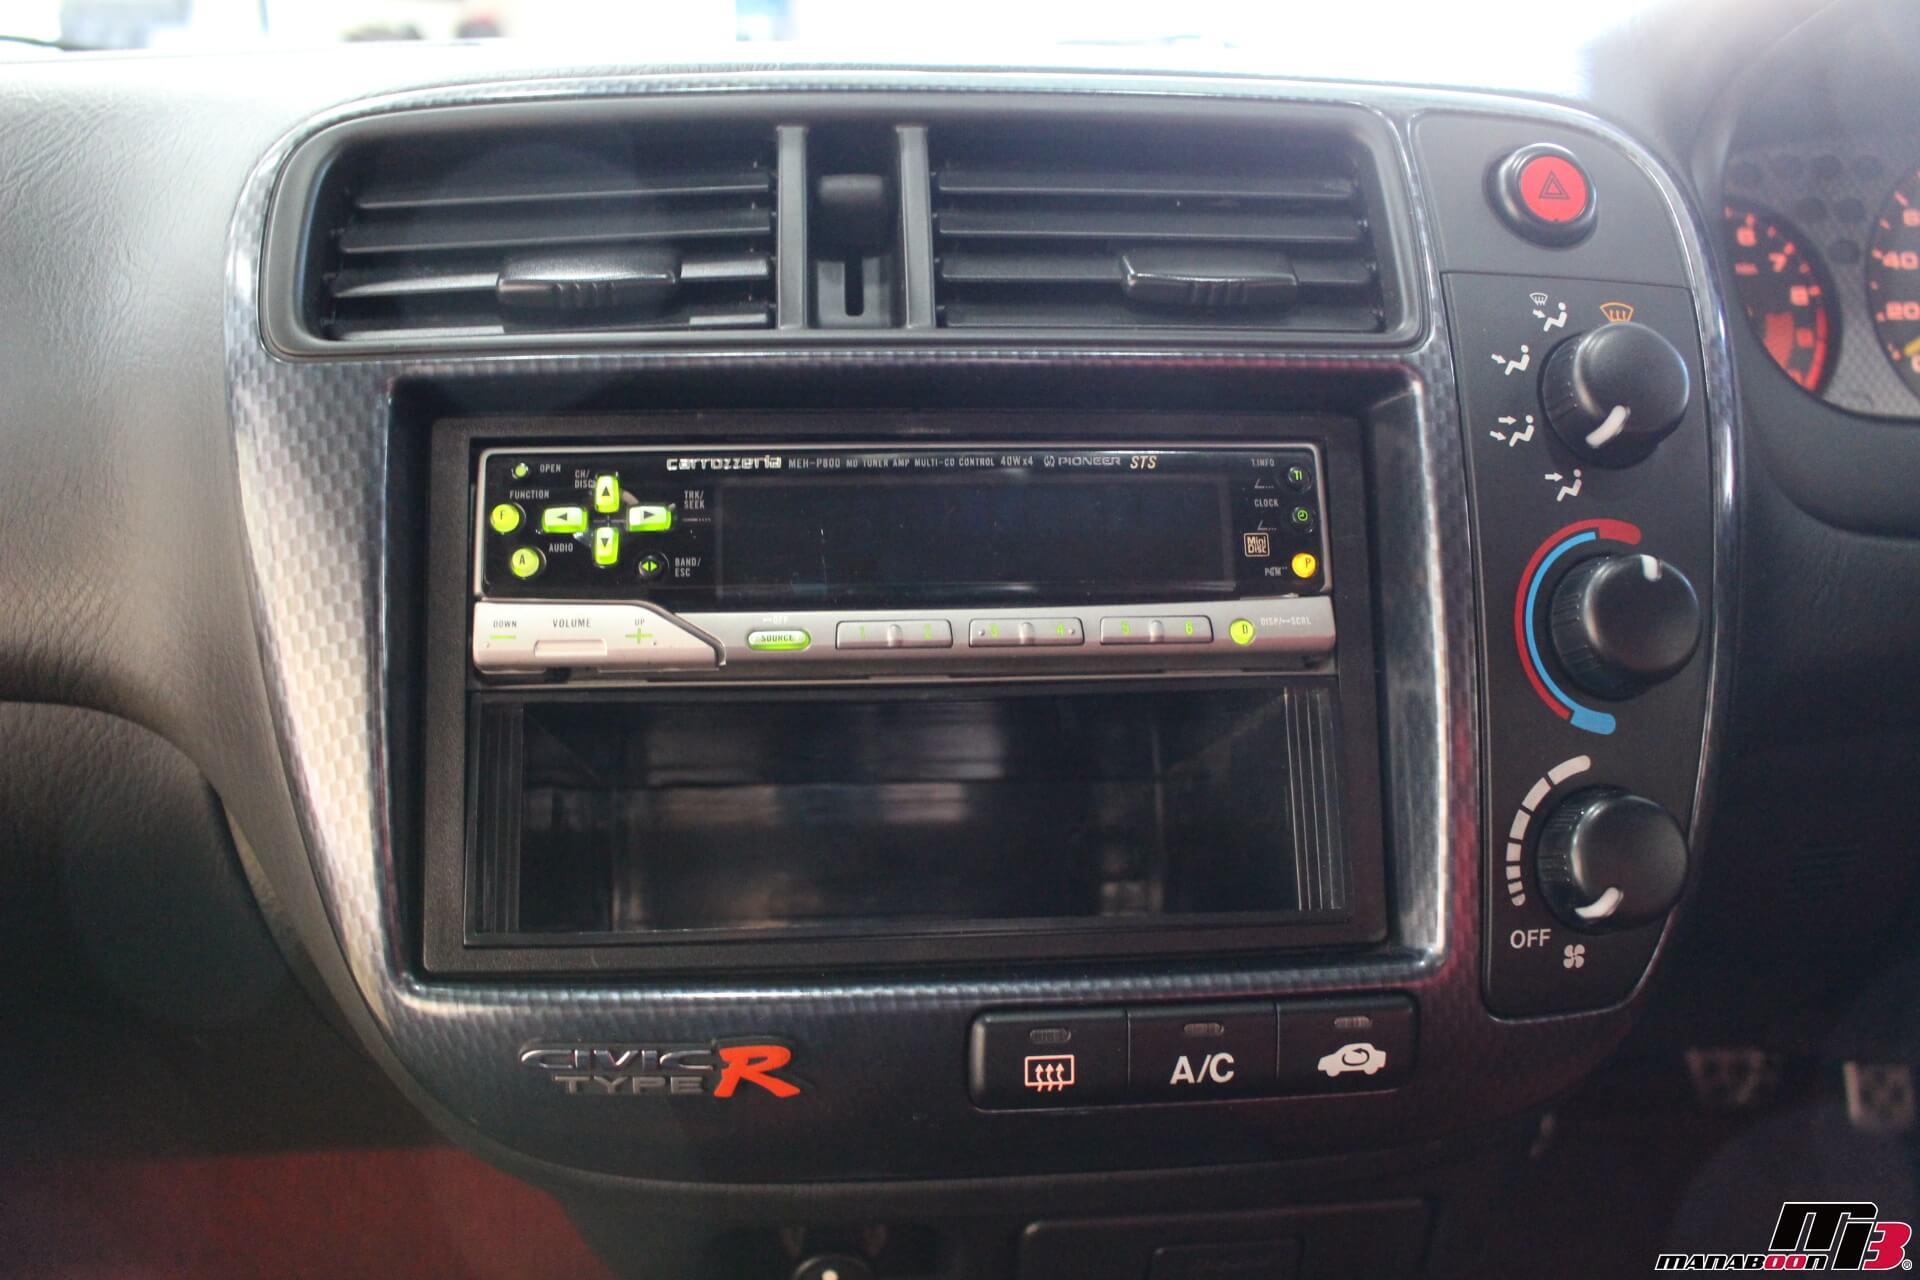 シビックタイプR X(EK9)オーディオパネル画像